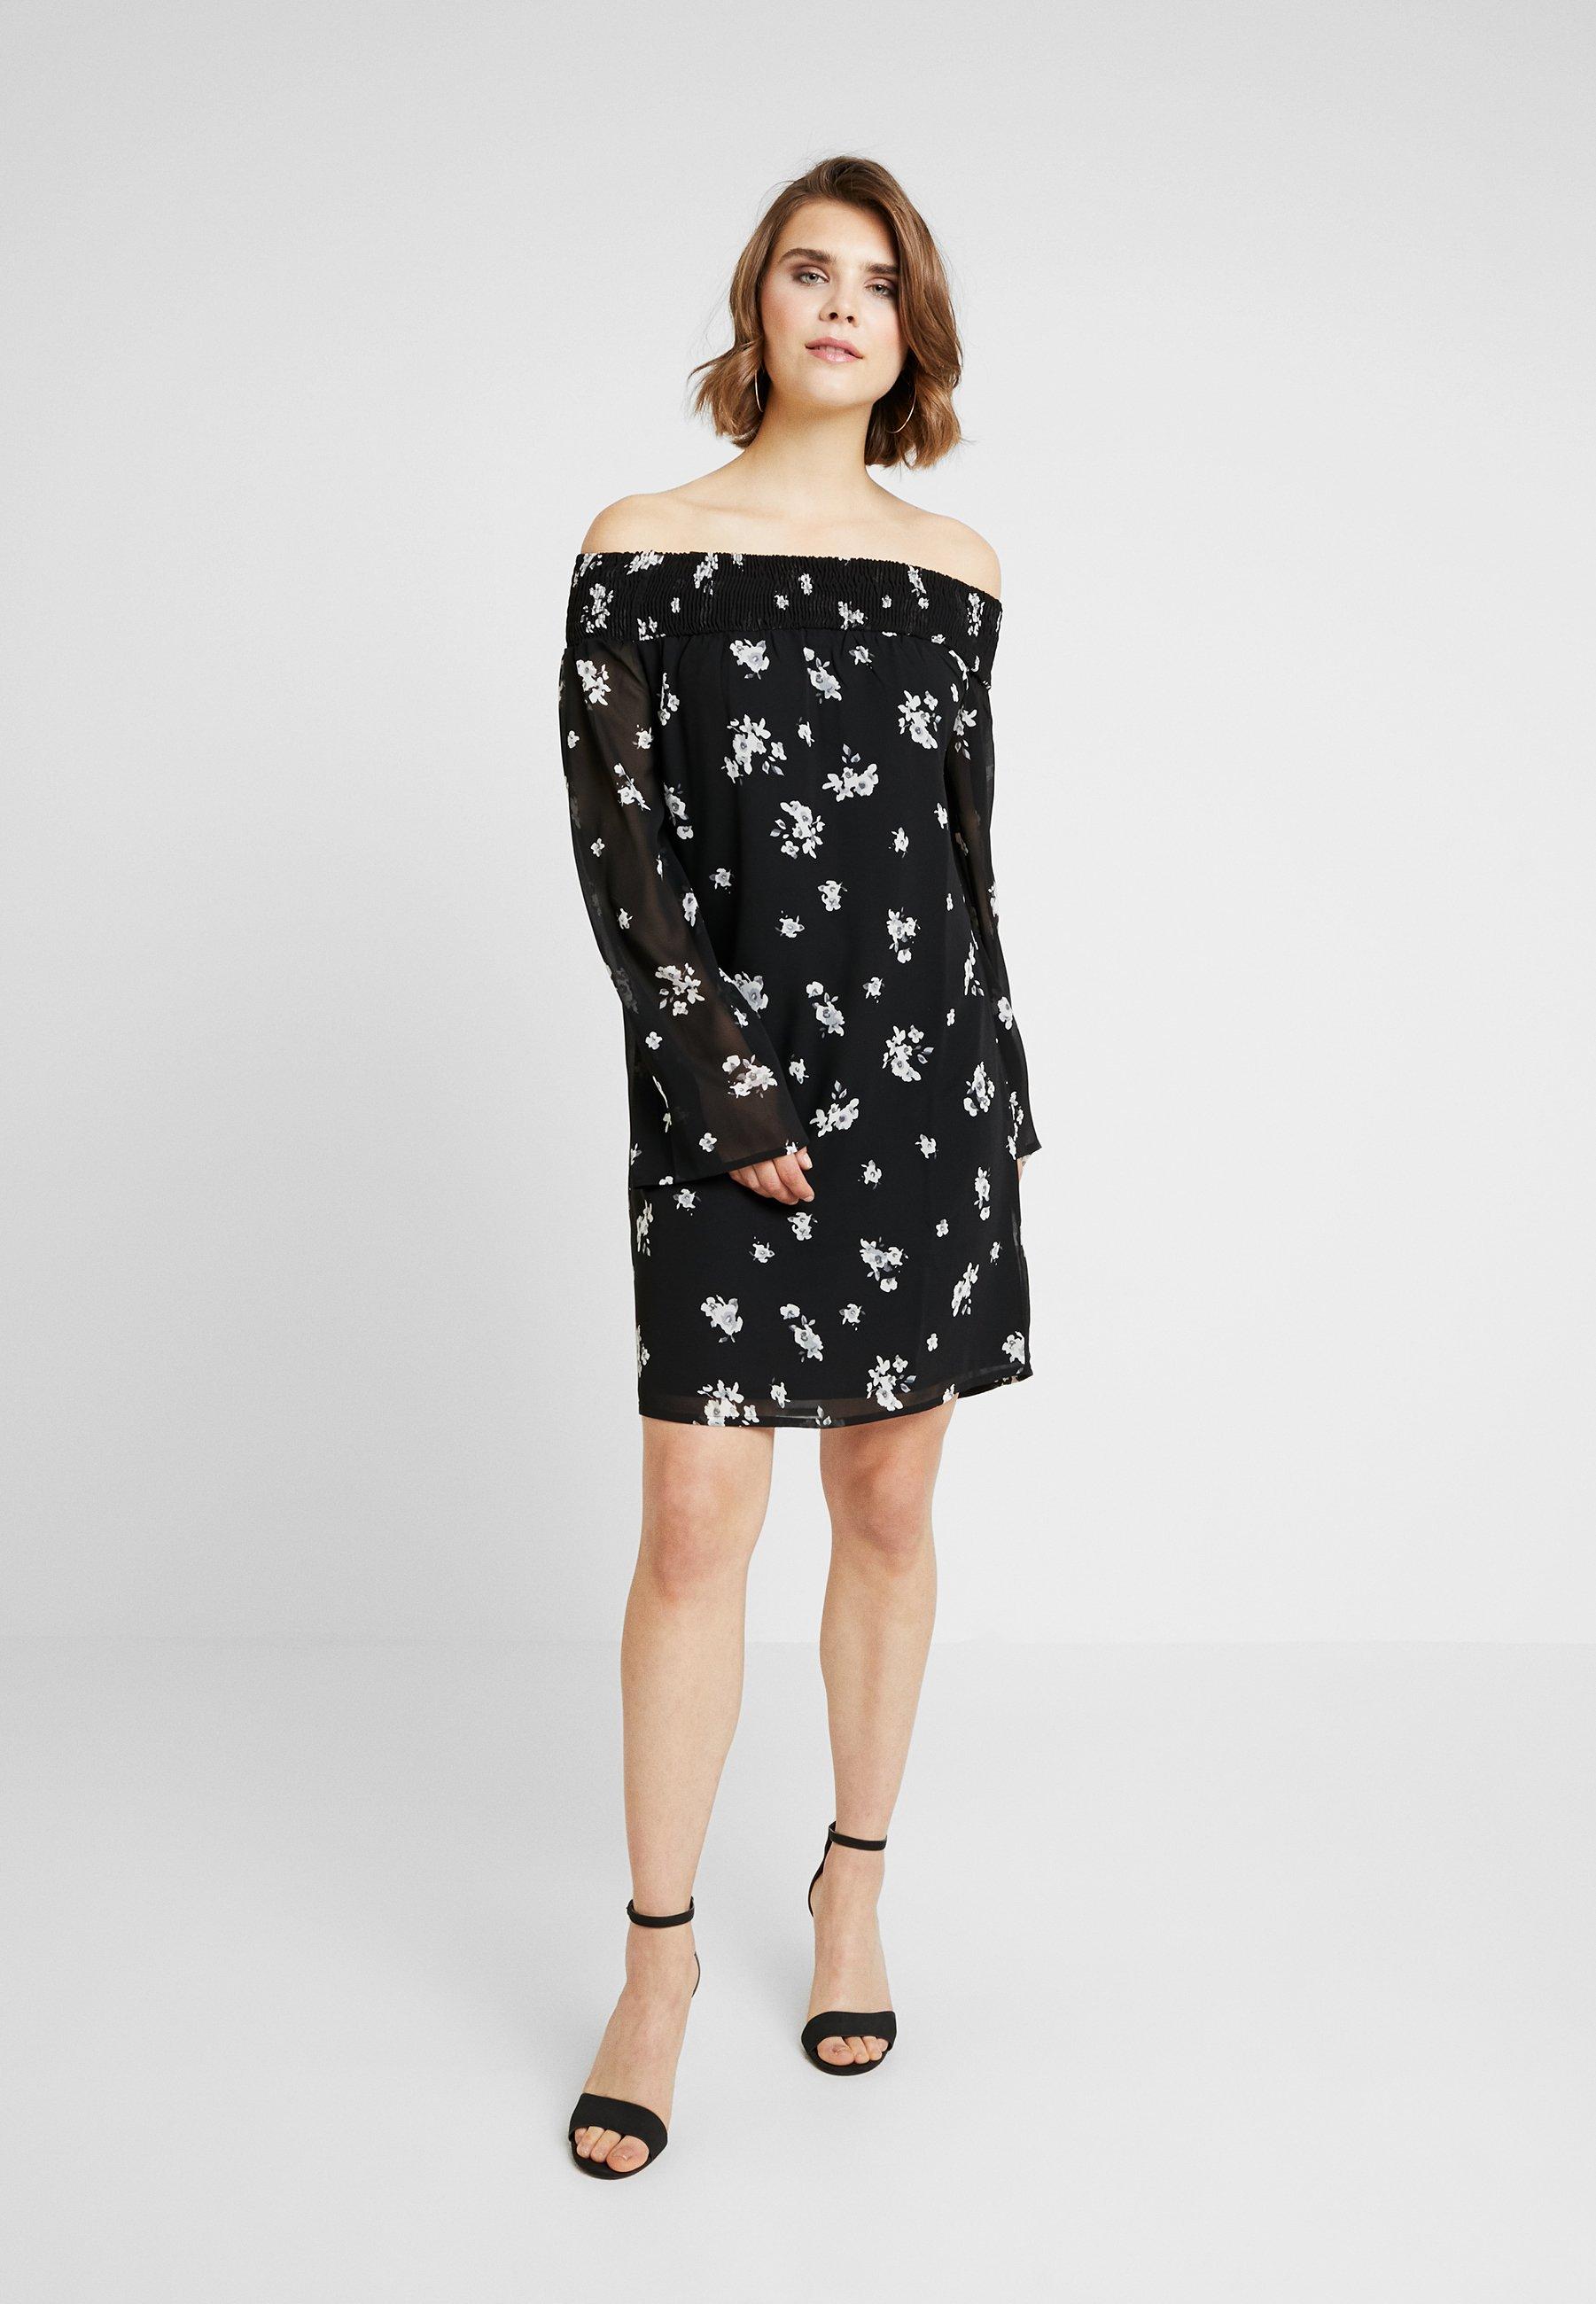 Na Floral Black kd white Printed DressRobe Cowgirl D'été Off Shoulder Y6Ifvbg7y